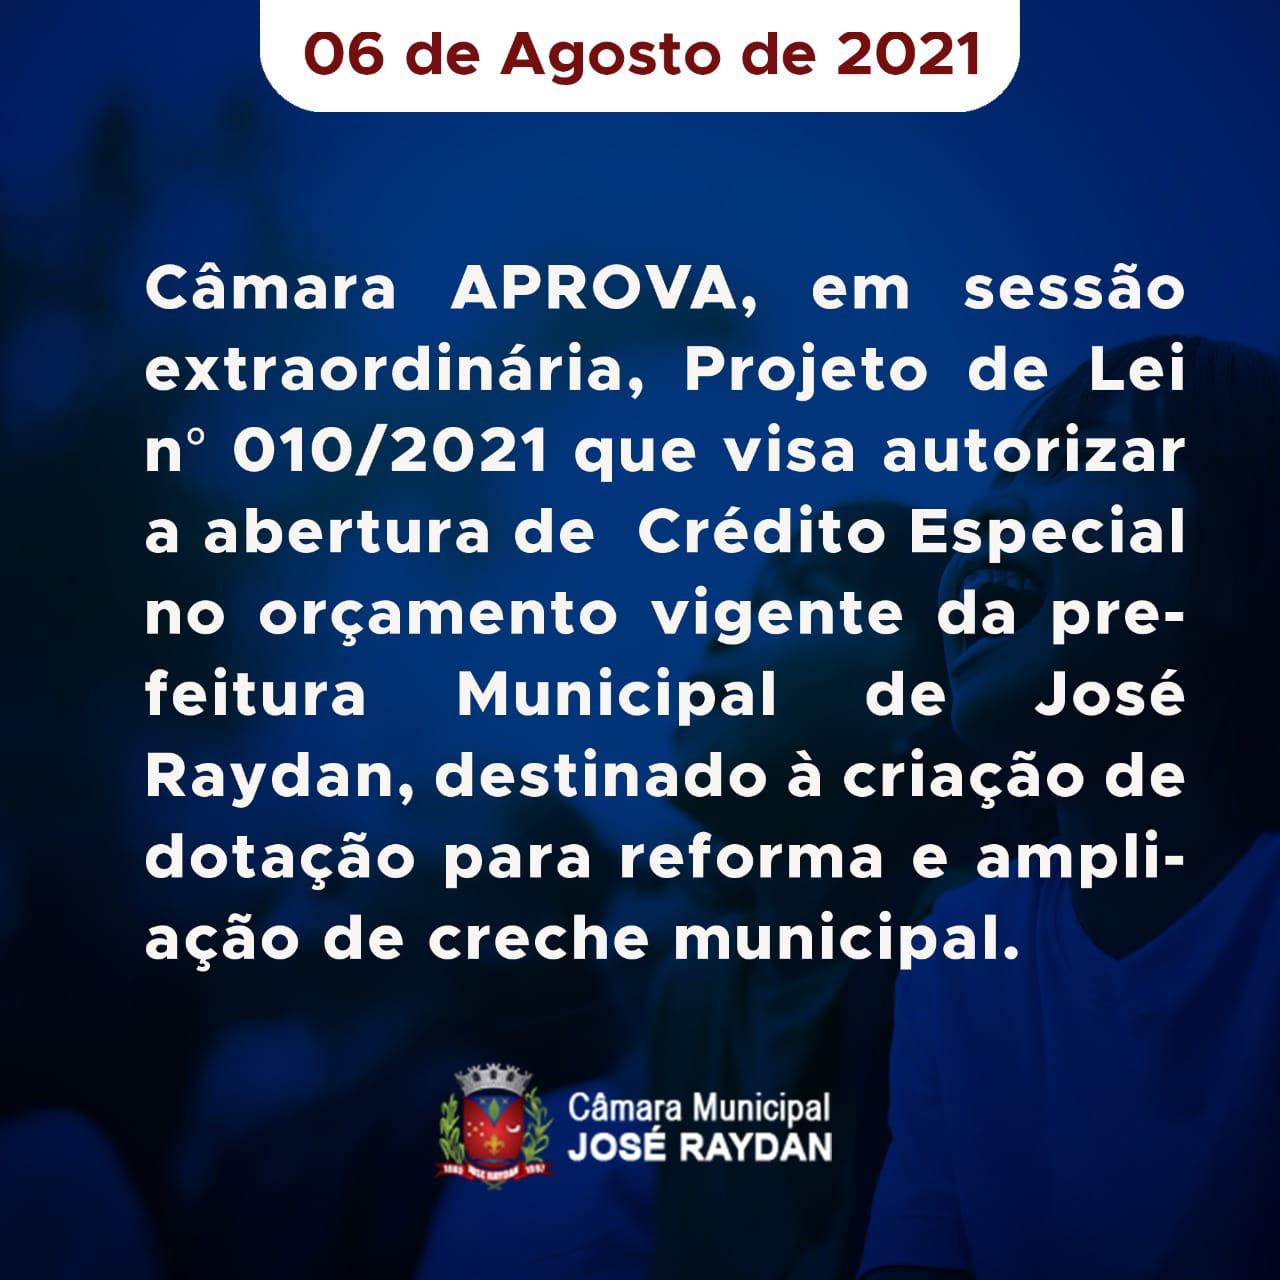 CÂMARA APROVA PROJETO DE LEI Nº 010/2021 QUE VISA AU...